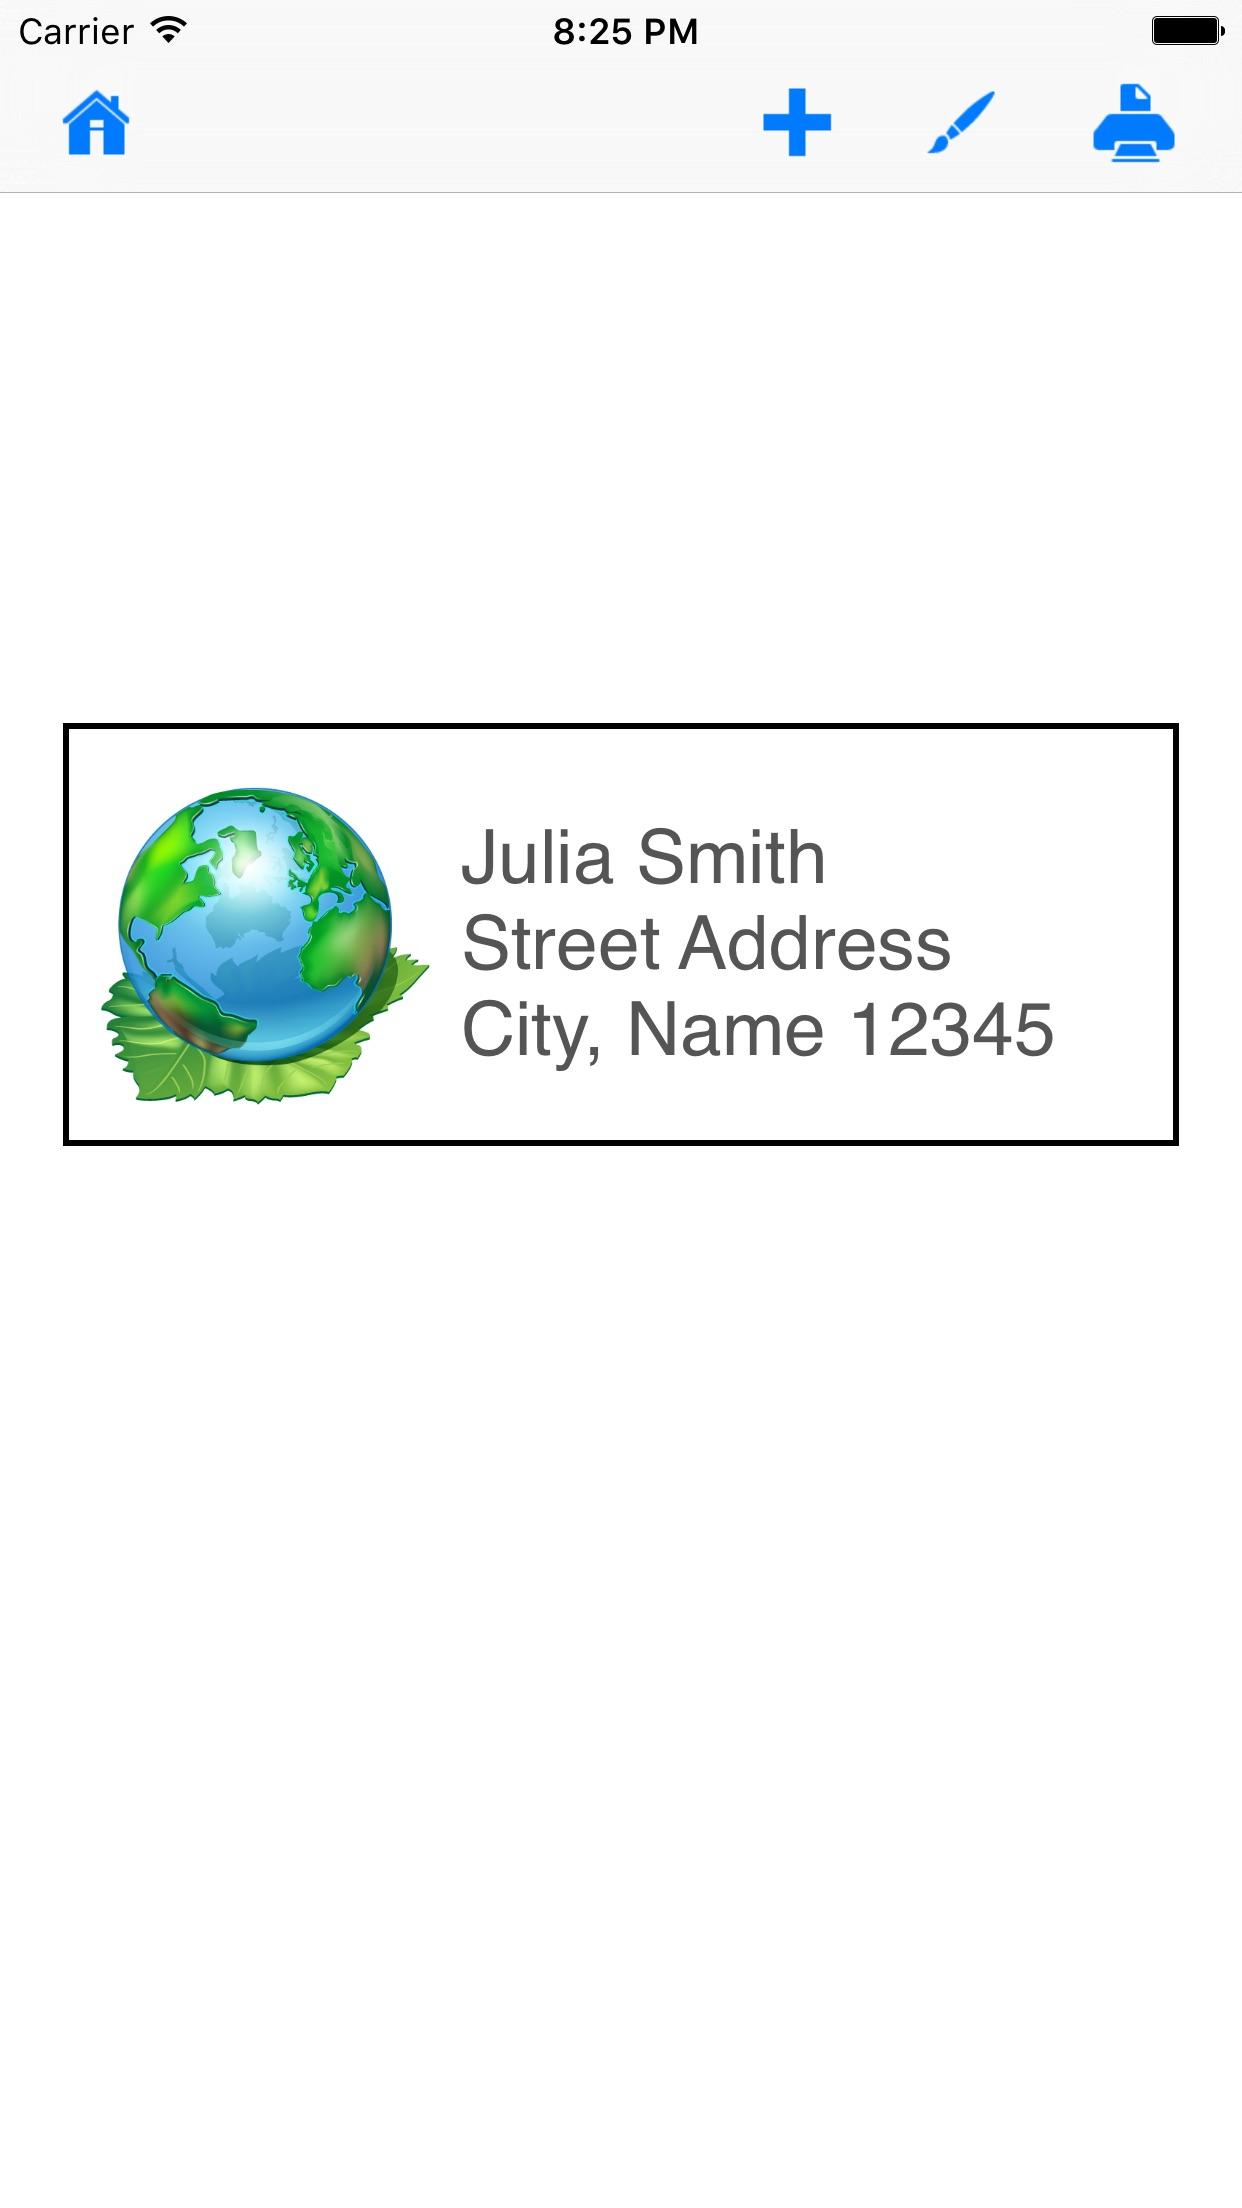 Mailing Label Designer Screenshot